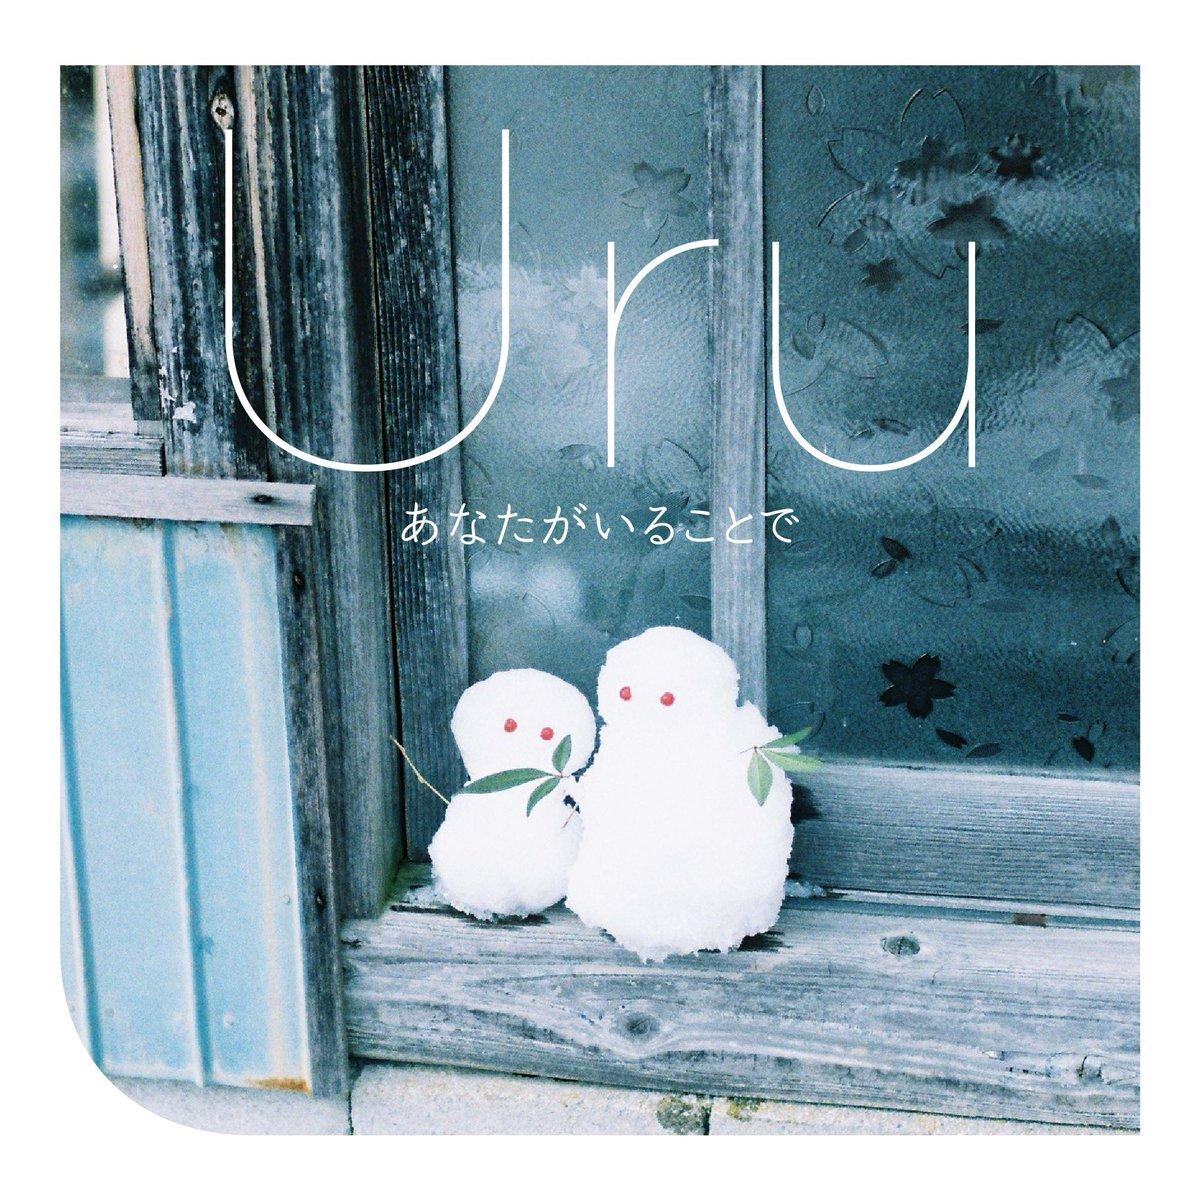 『Uruあなたがいることで』収録の『あなたがいることで』ジャケット